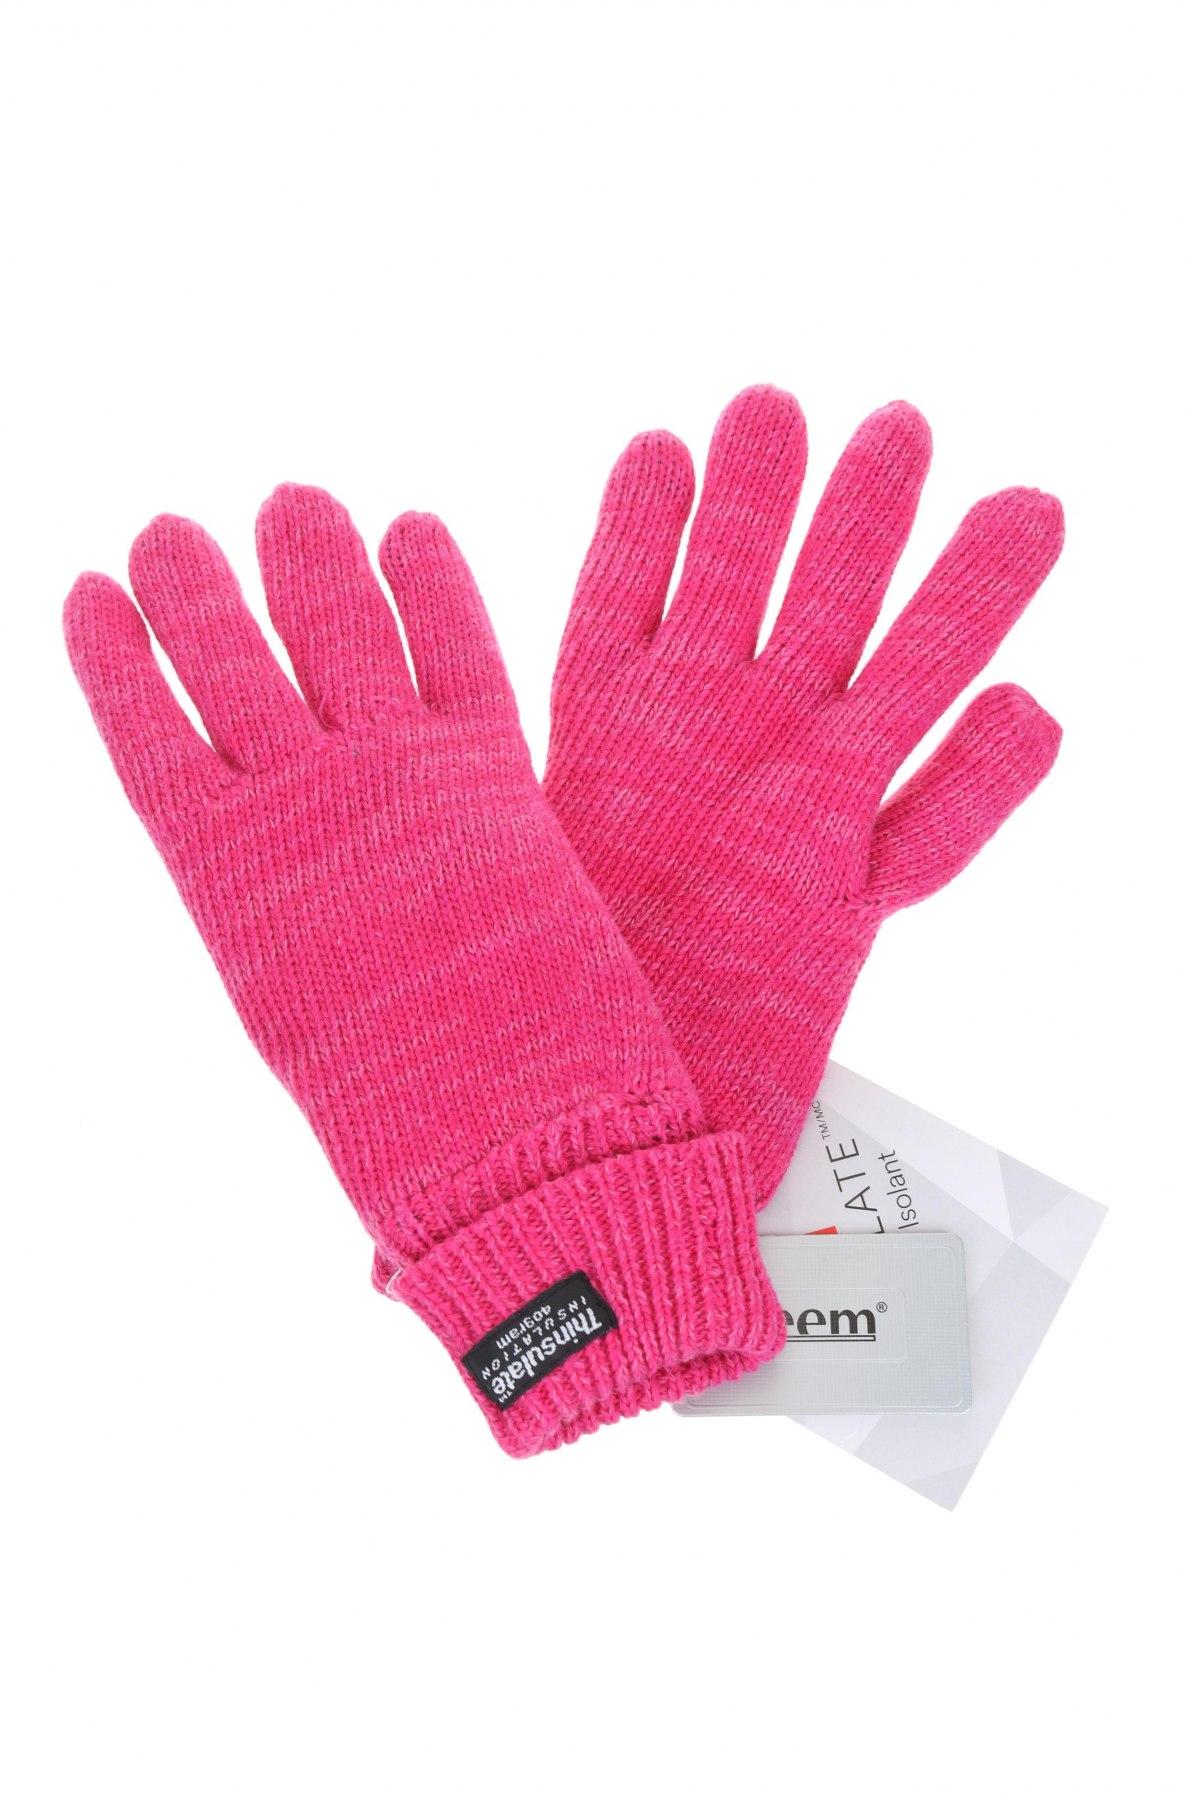 Γάντια Eem, Χρώμα Ρόζ , Βαμβάκι, Τιμή 10,89€